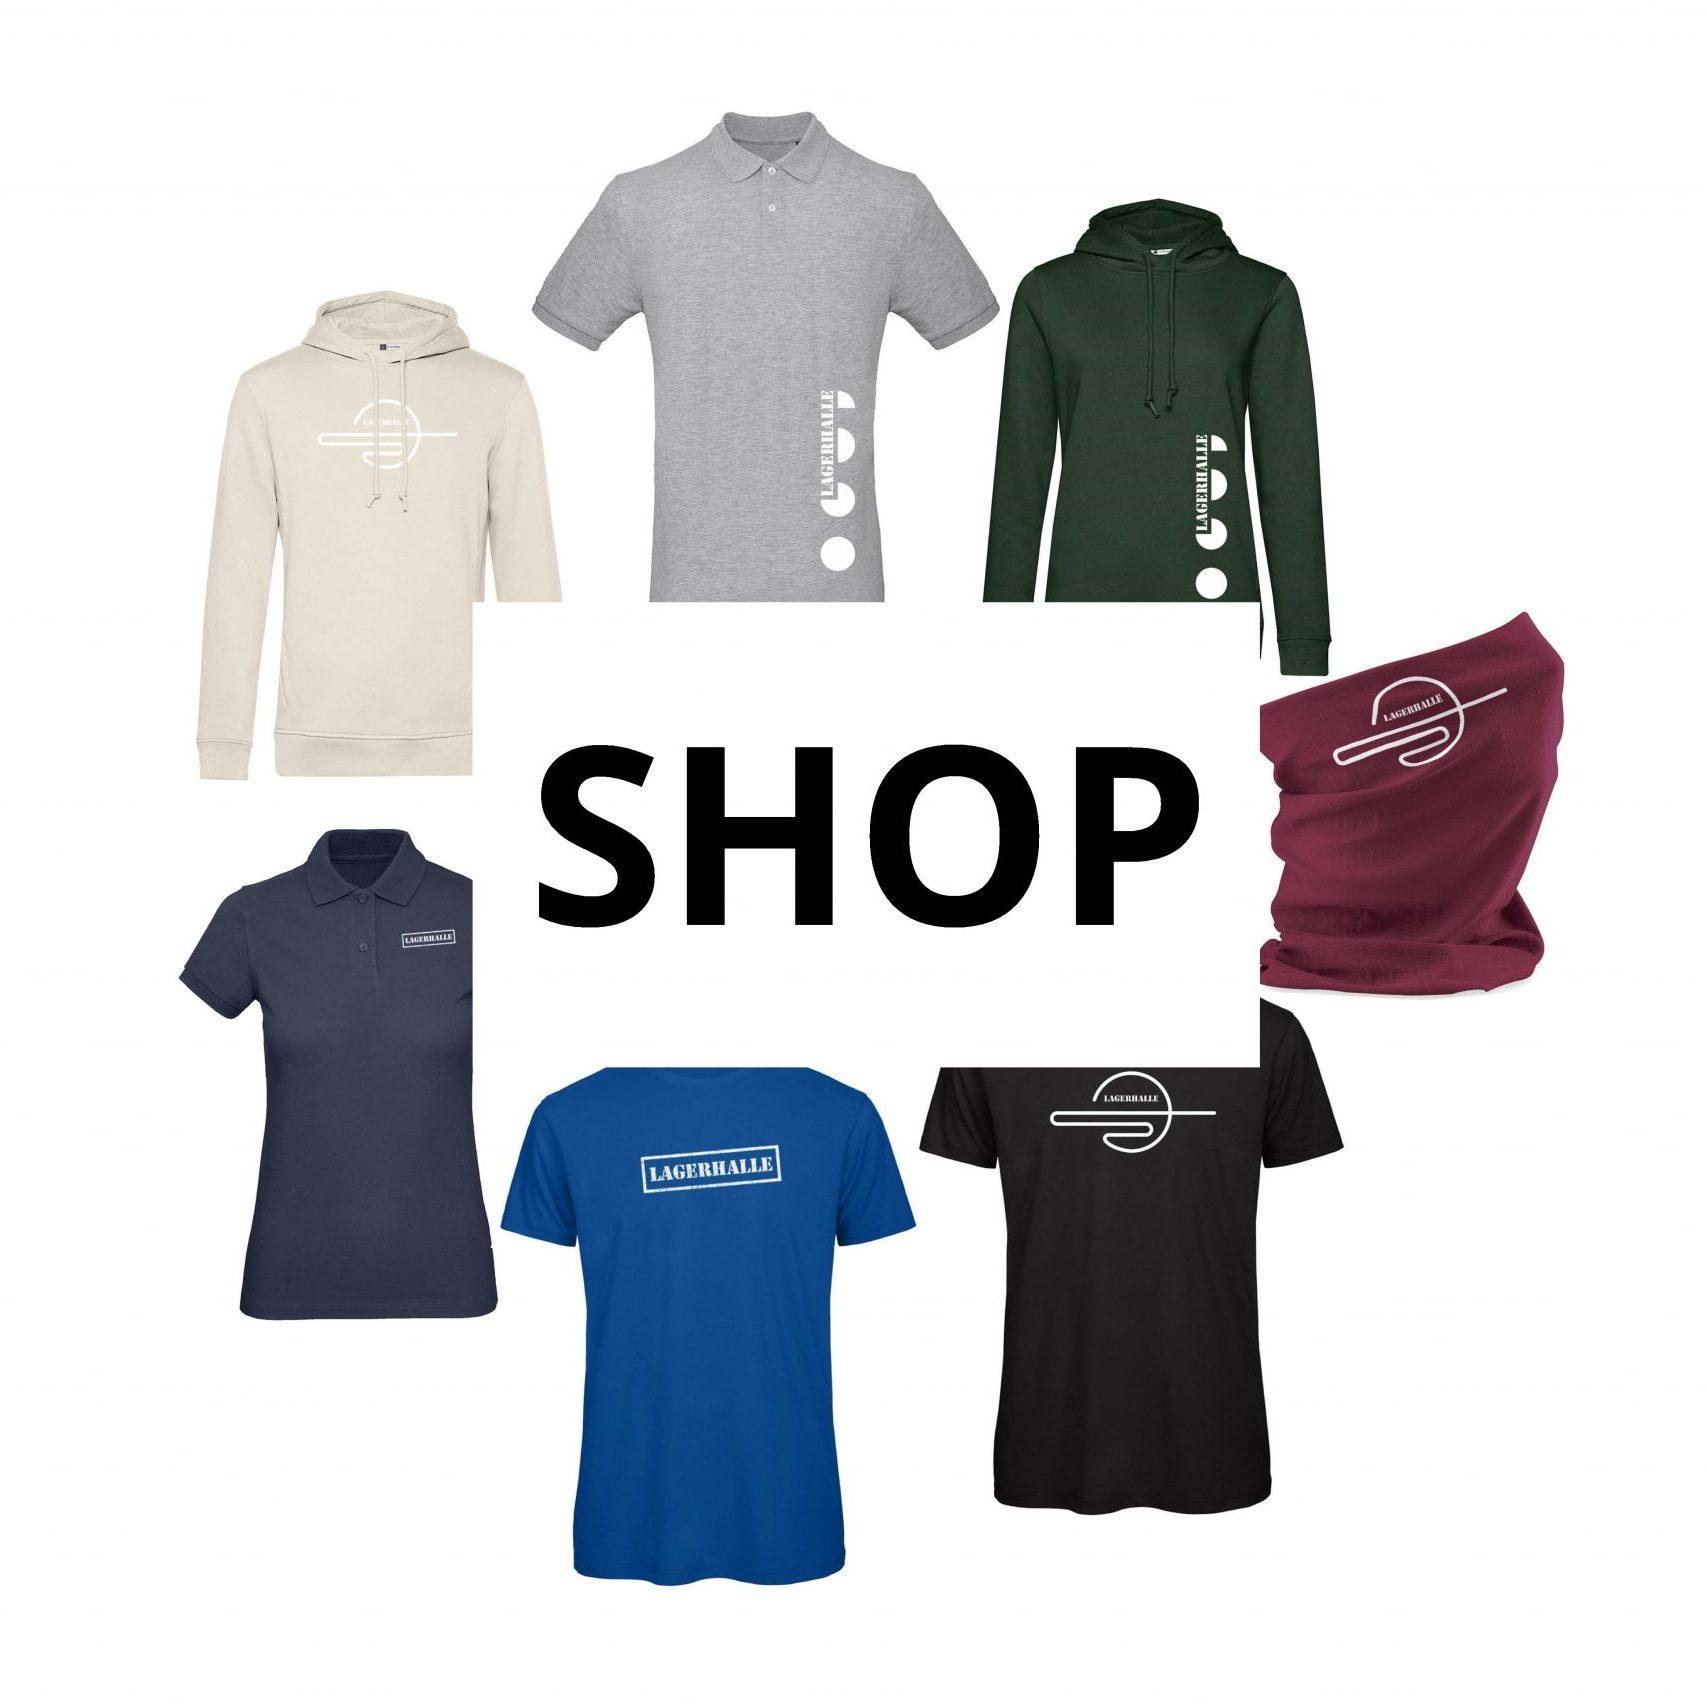 Shoprund_web